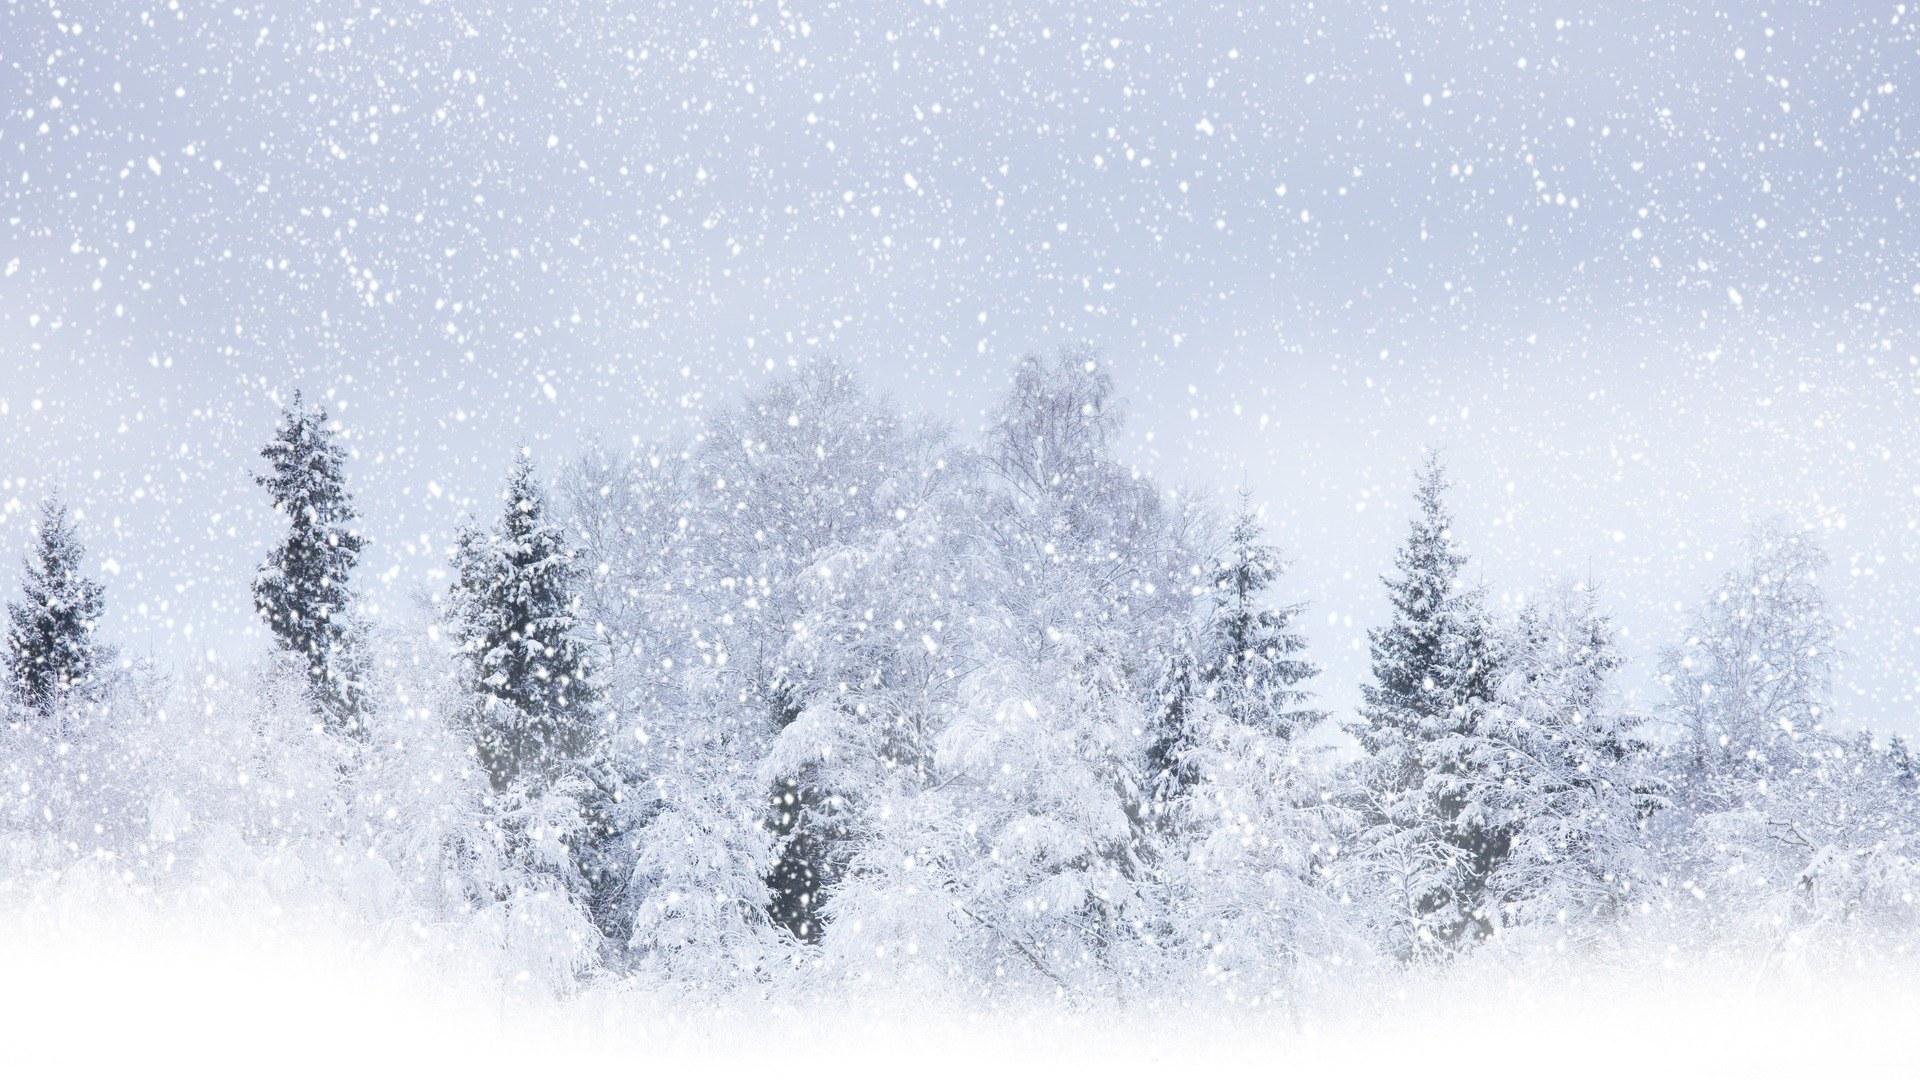 бесплатные обои зима на рабочий стол